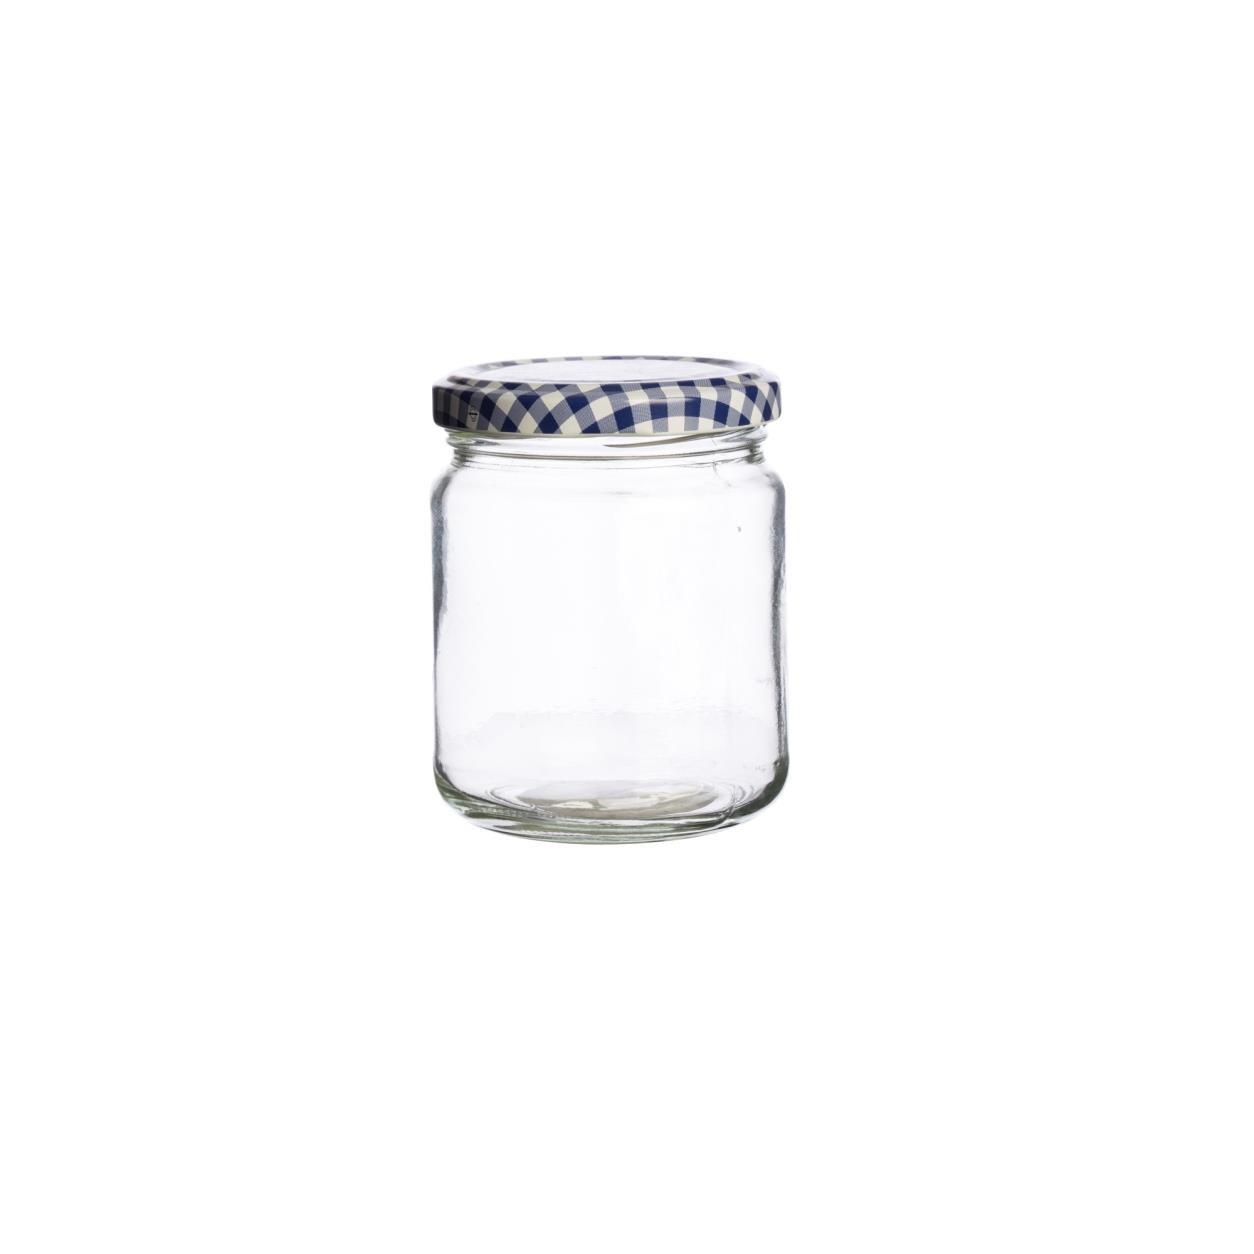 KILNER kulatá sklenice 228 ml, šroubovací - Kilner